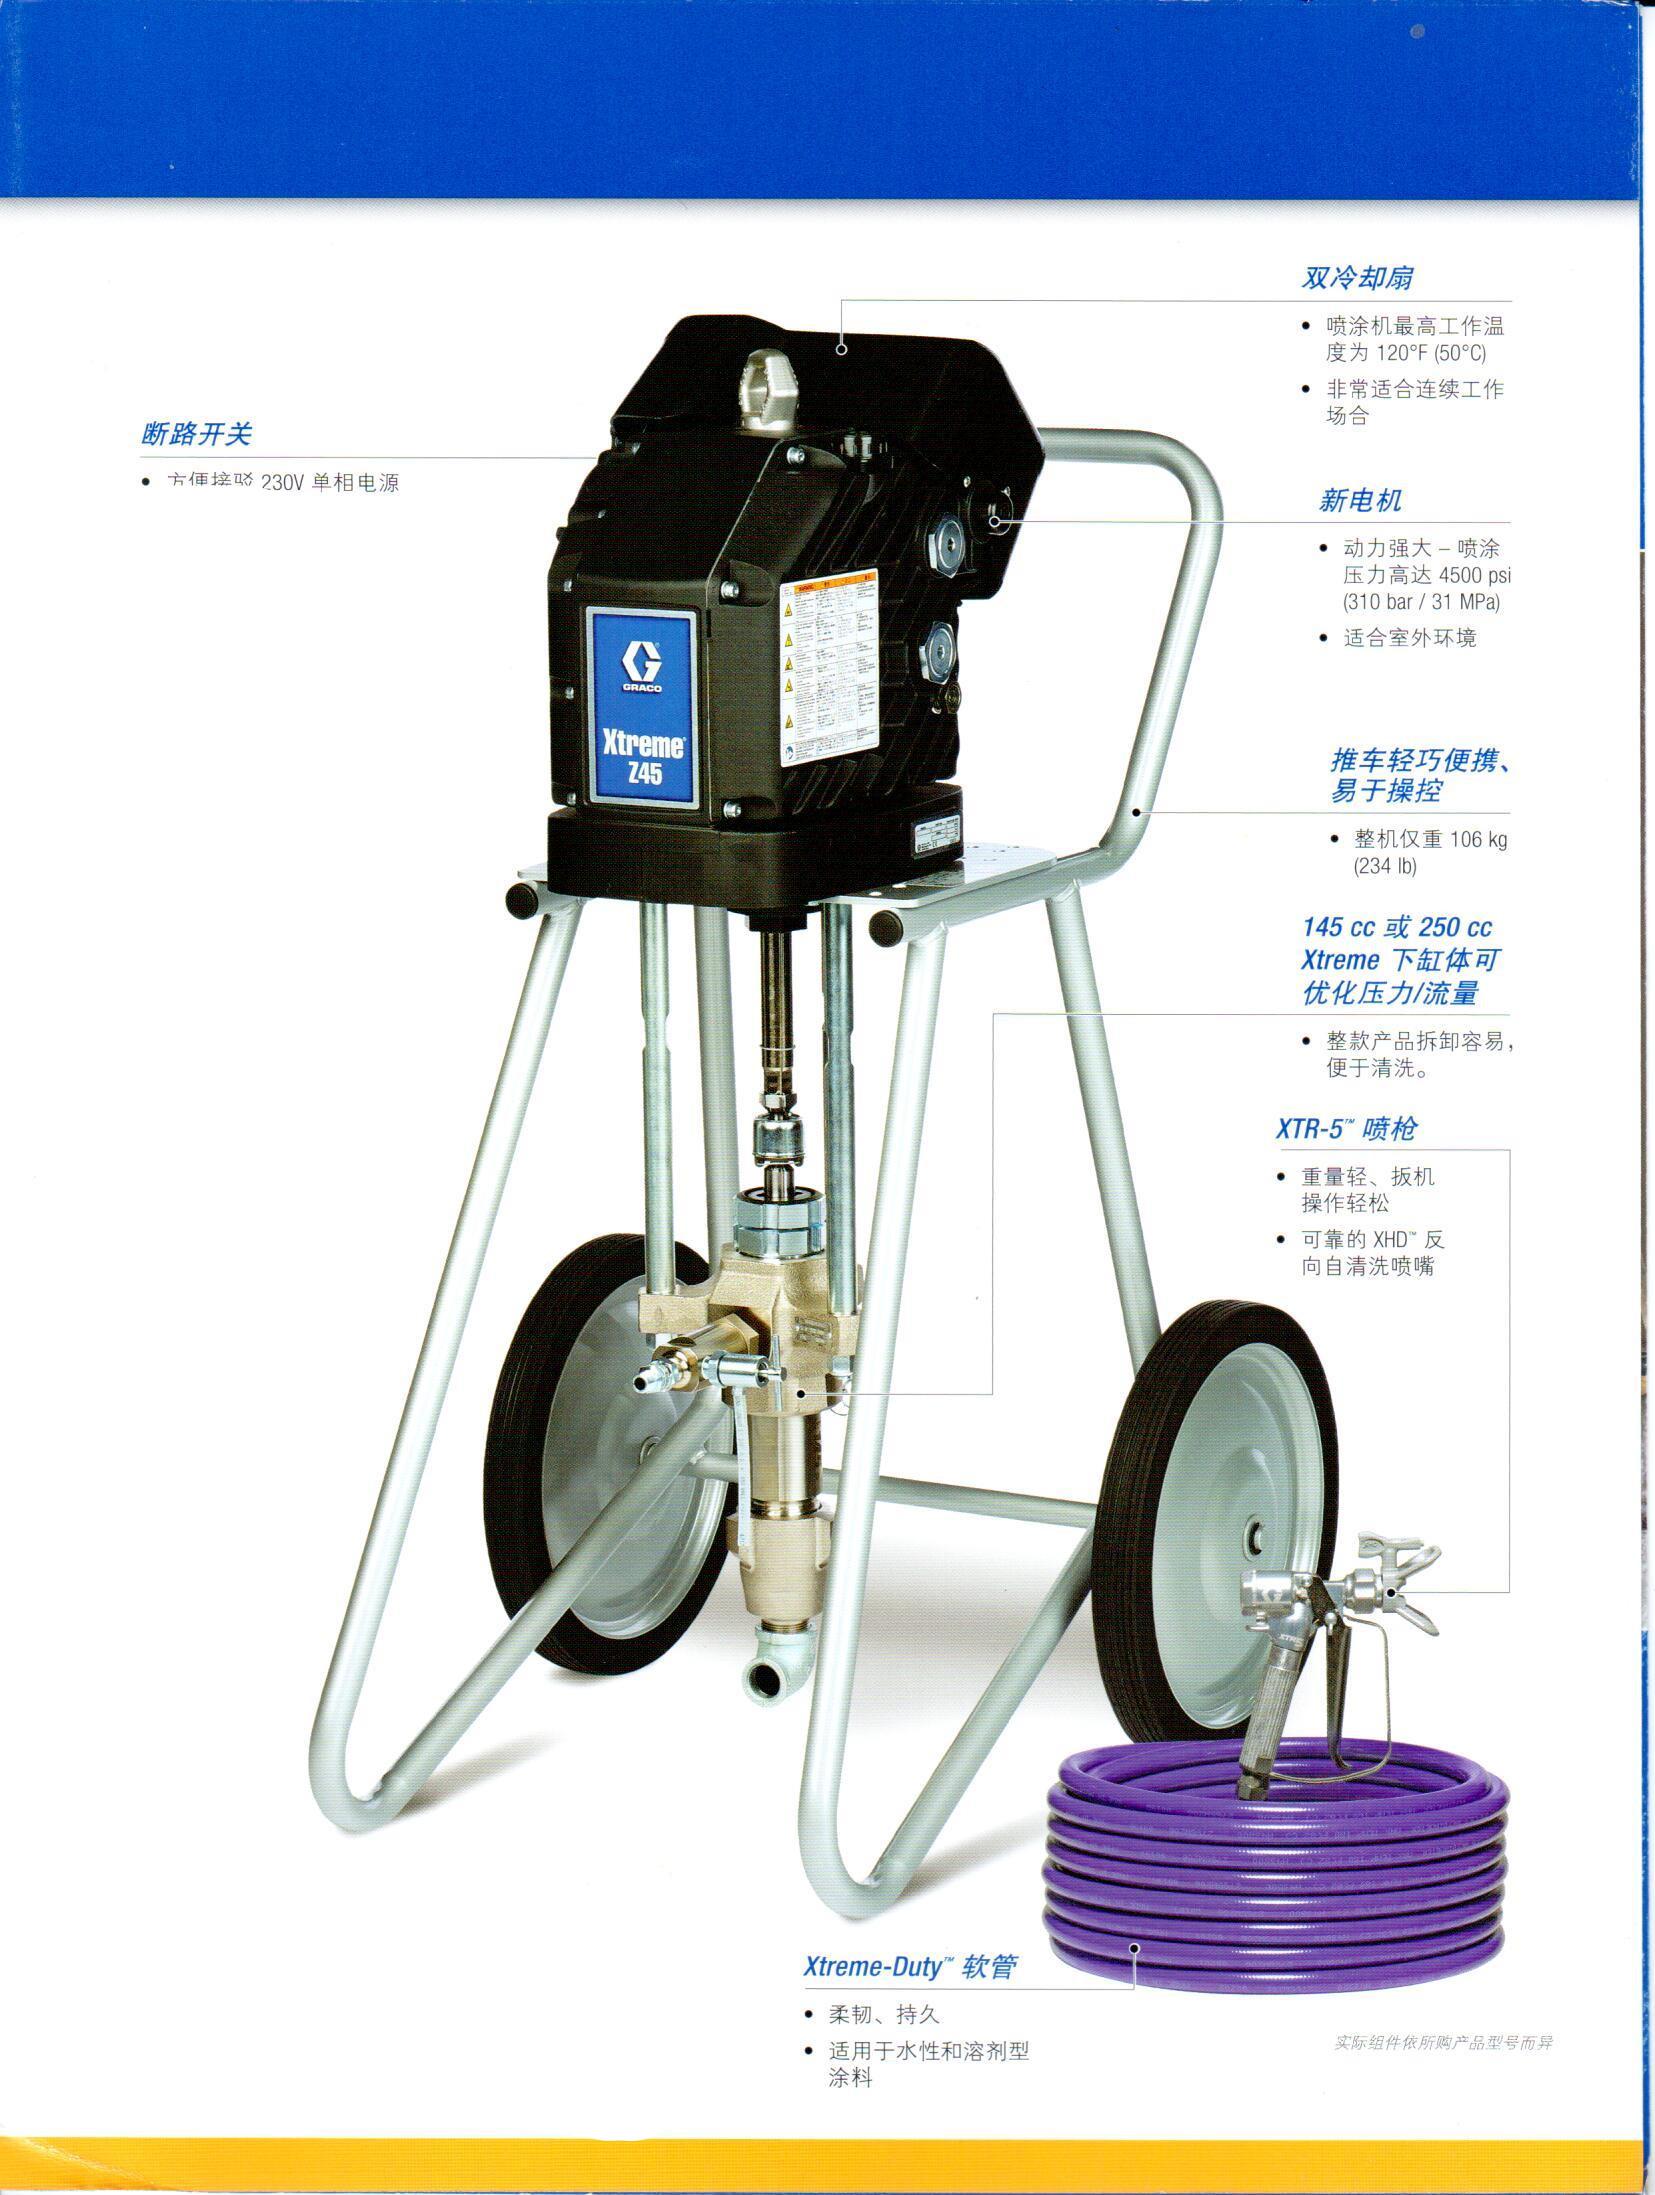 YSZ45系列电动防水涂料喷涂机--让防水涂料喷涂事半功倍 1.功能特点: • 最大工作压力:4500psi(31Mpa,310bar) •均匀喷涂防水涂料,提供平顺稳定的喷幅 •与手动滚涂相比,可提升表面质量,减少裂纹、气泡和返工 •人力成本比使用手动滚筒时节省高达 40% •轻巧便携,重量仅为 106 kg •使用 220V 单相电源 2.